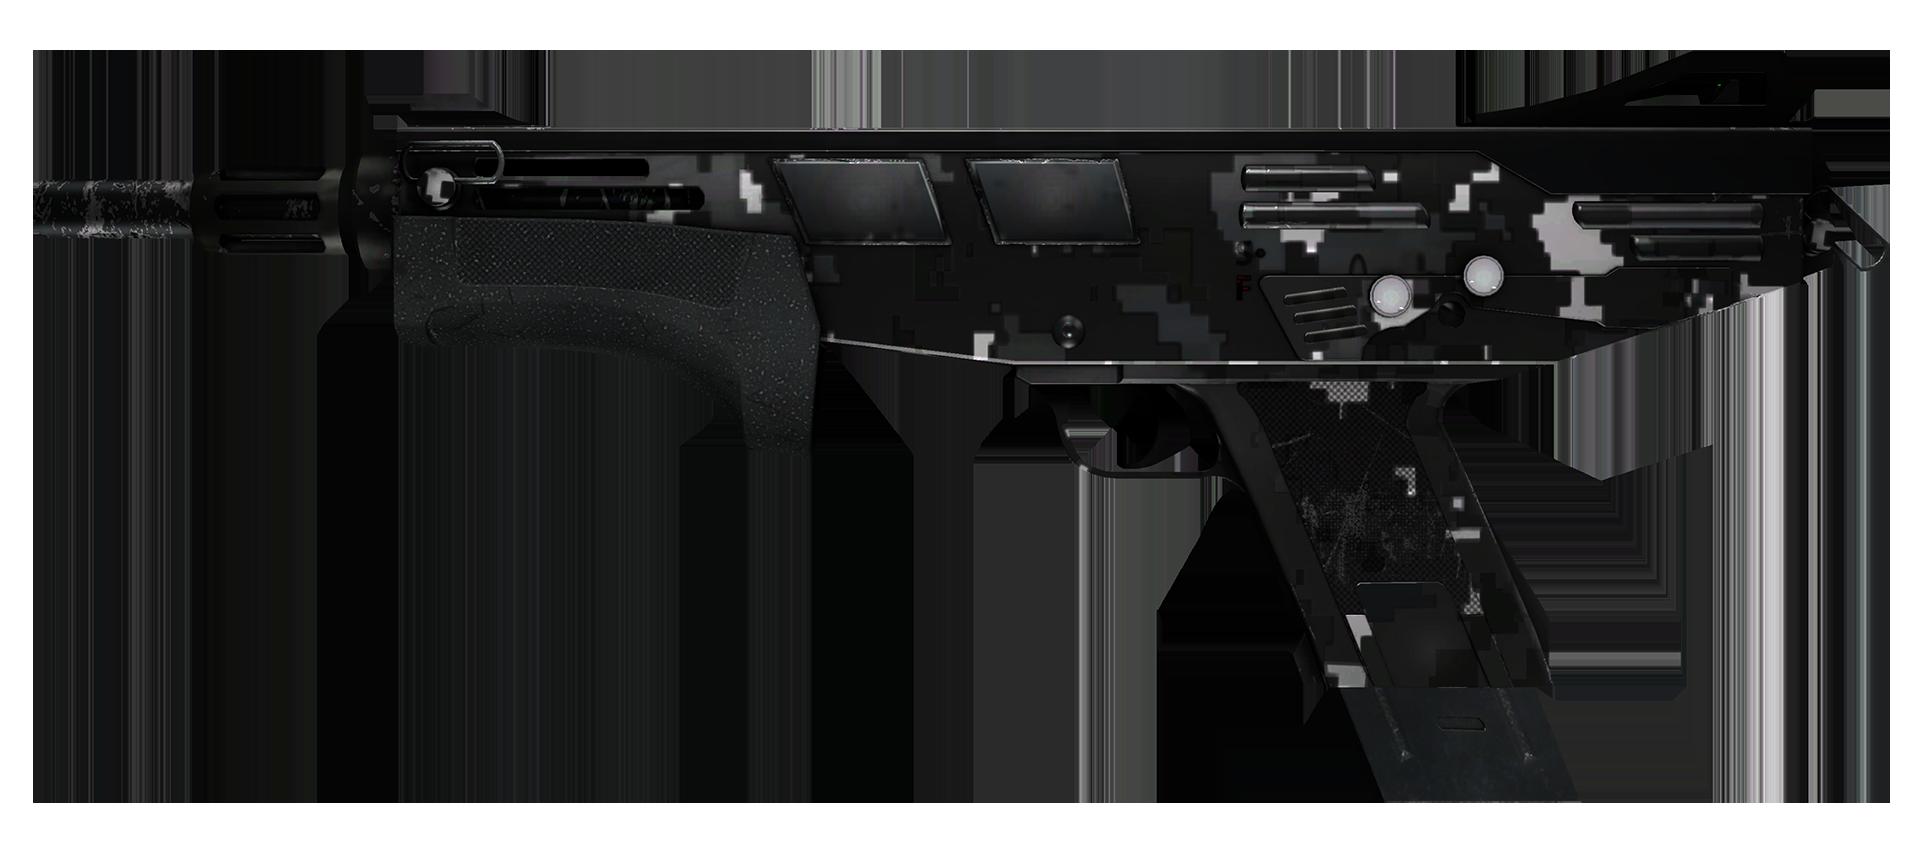 MAG-7 Metallic DDPAT Large Rendering